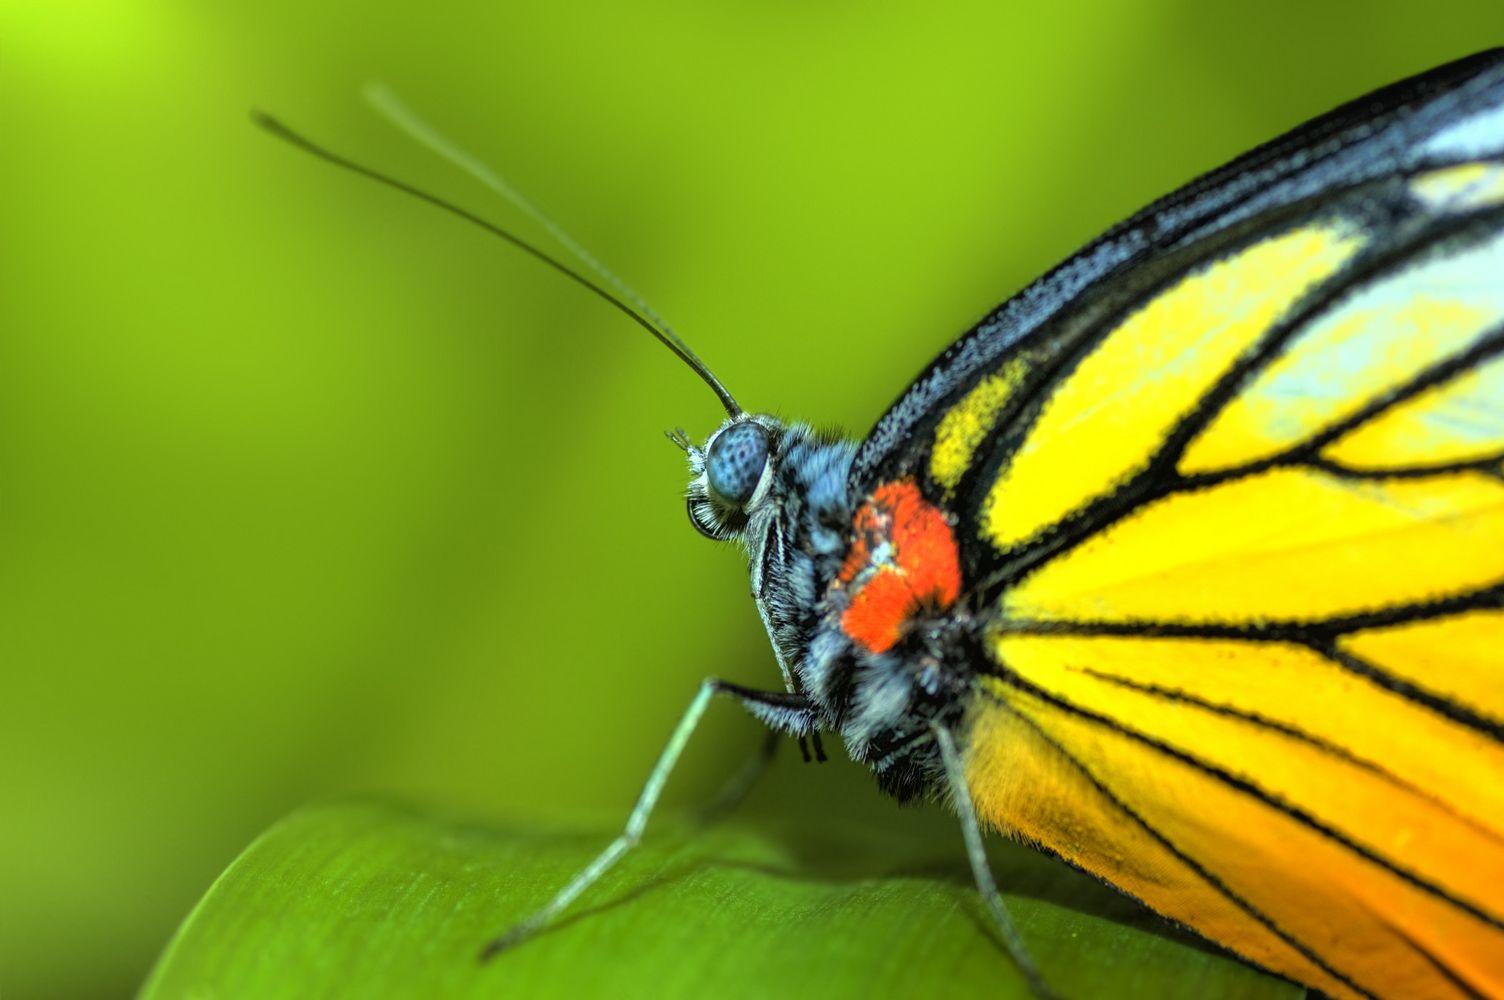 крупное фото, яркая желтая бабочка на фоне зелени, скачать обои для рабочего стола